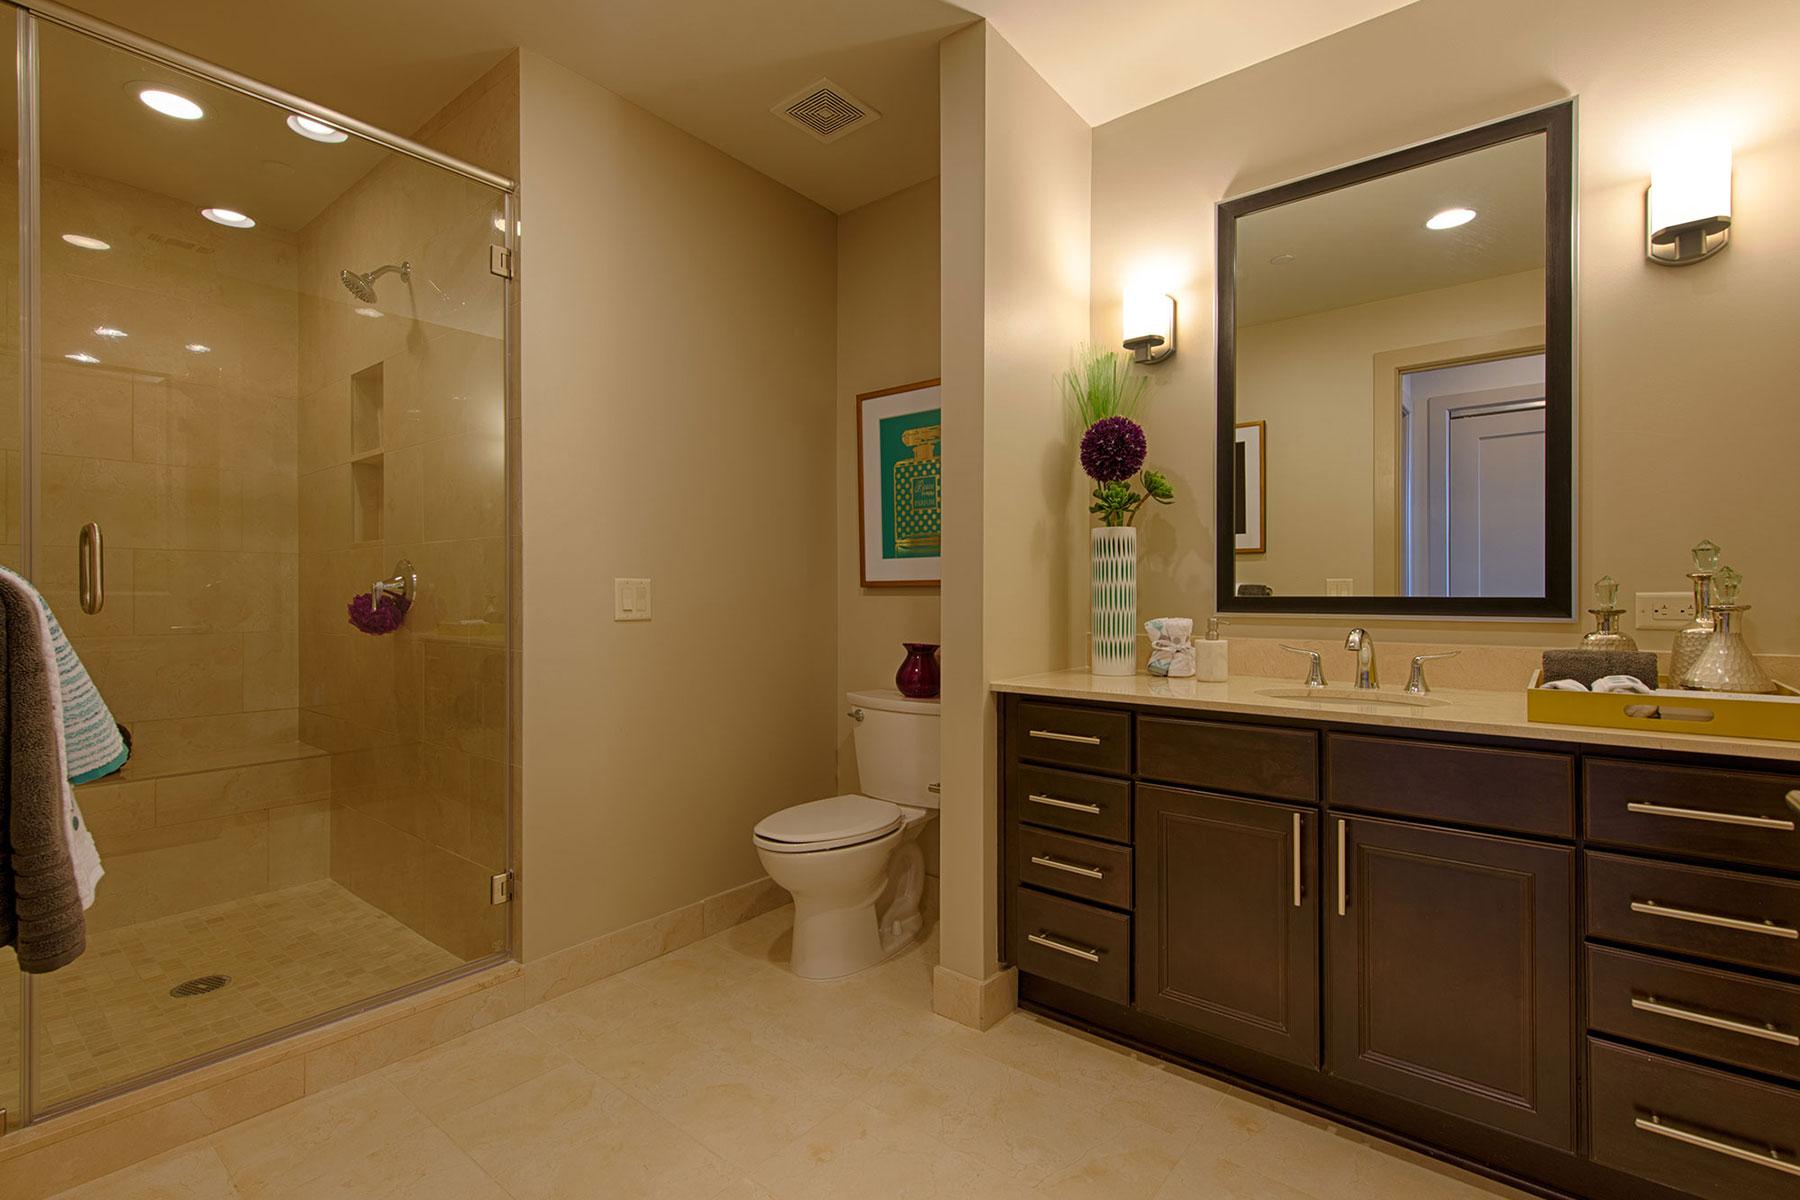 MST 2 Bedroom Bathroom Vanity